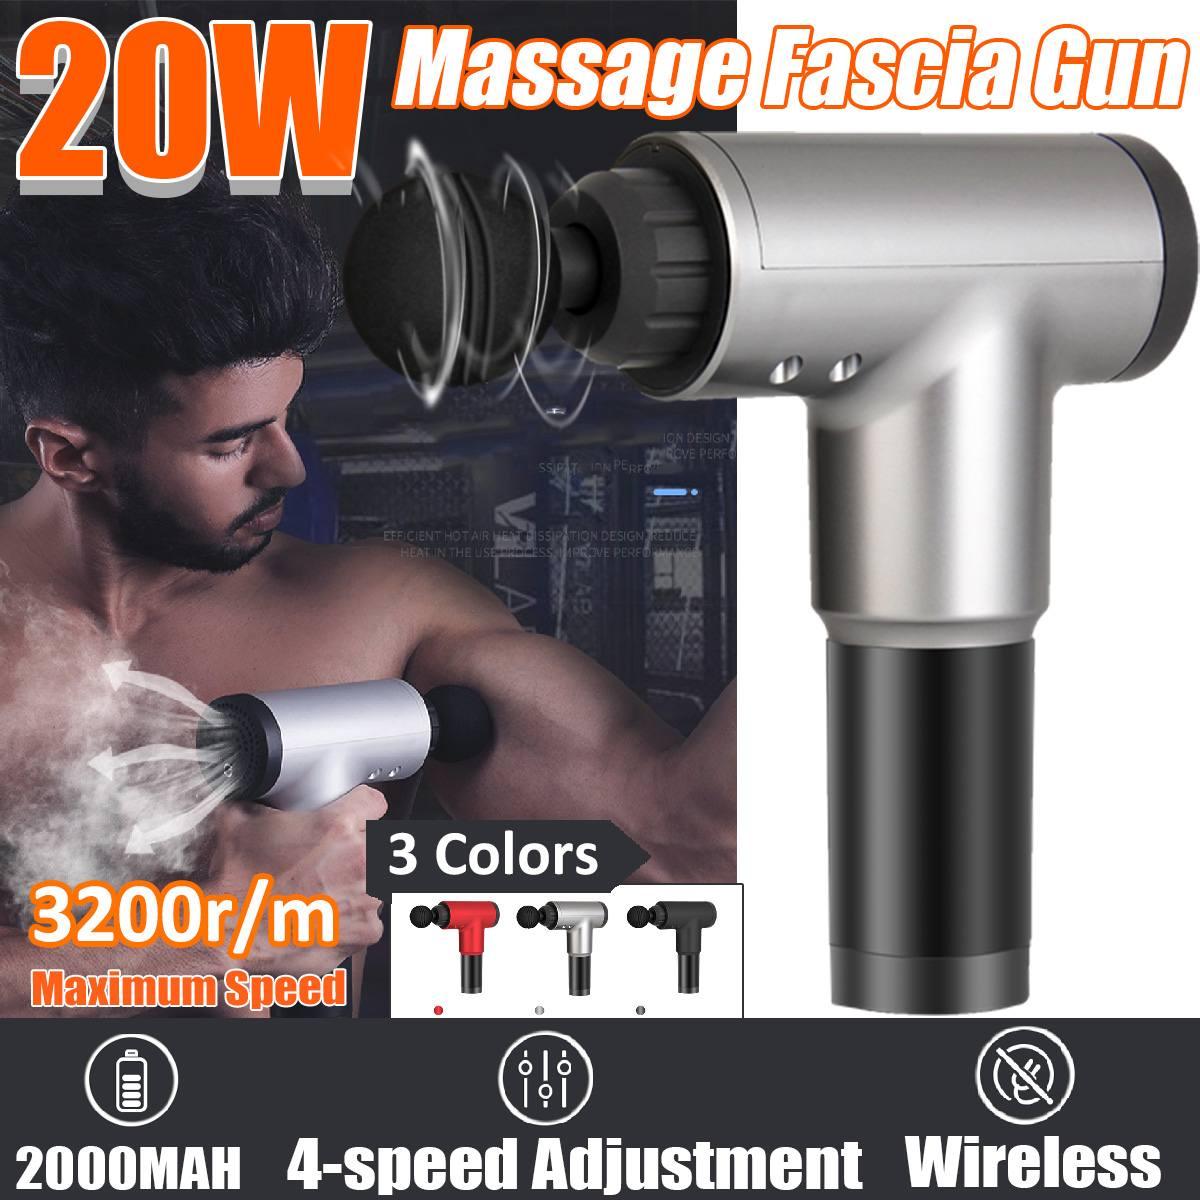 Профессиональный 3200r/min терапевтический массажный пистолет с 4 передачами, массажер для мышц, боли, спортивный массажный аппарат, расслабляю